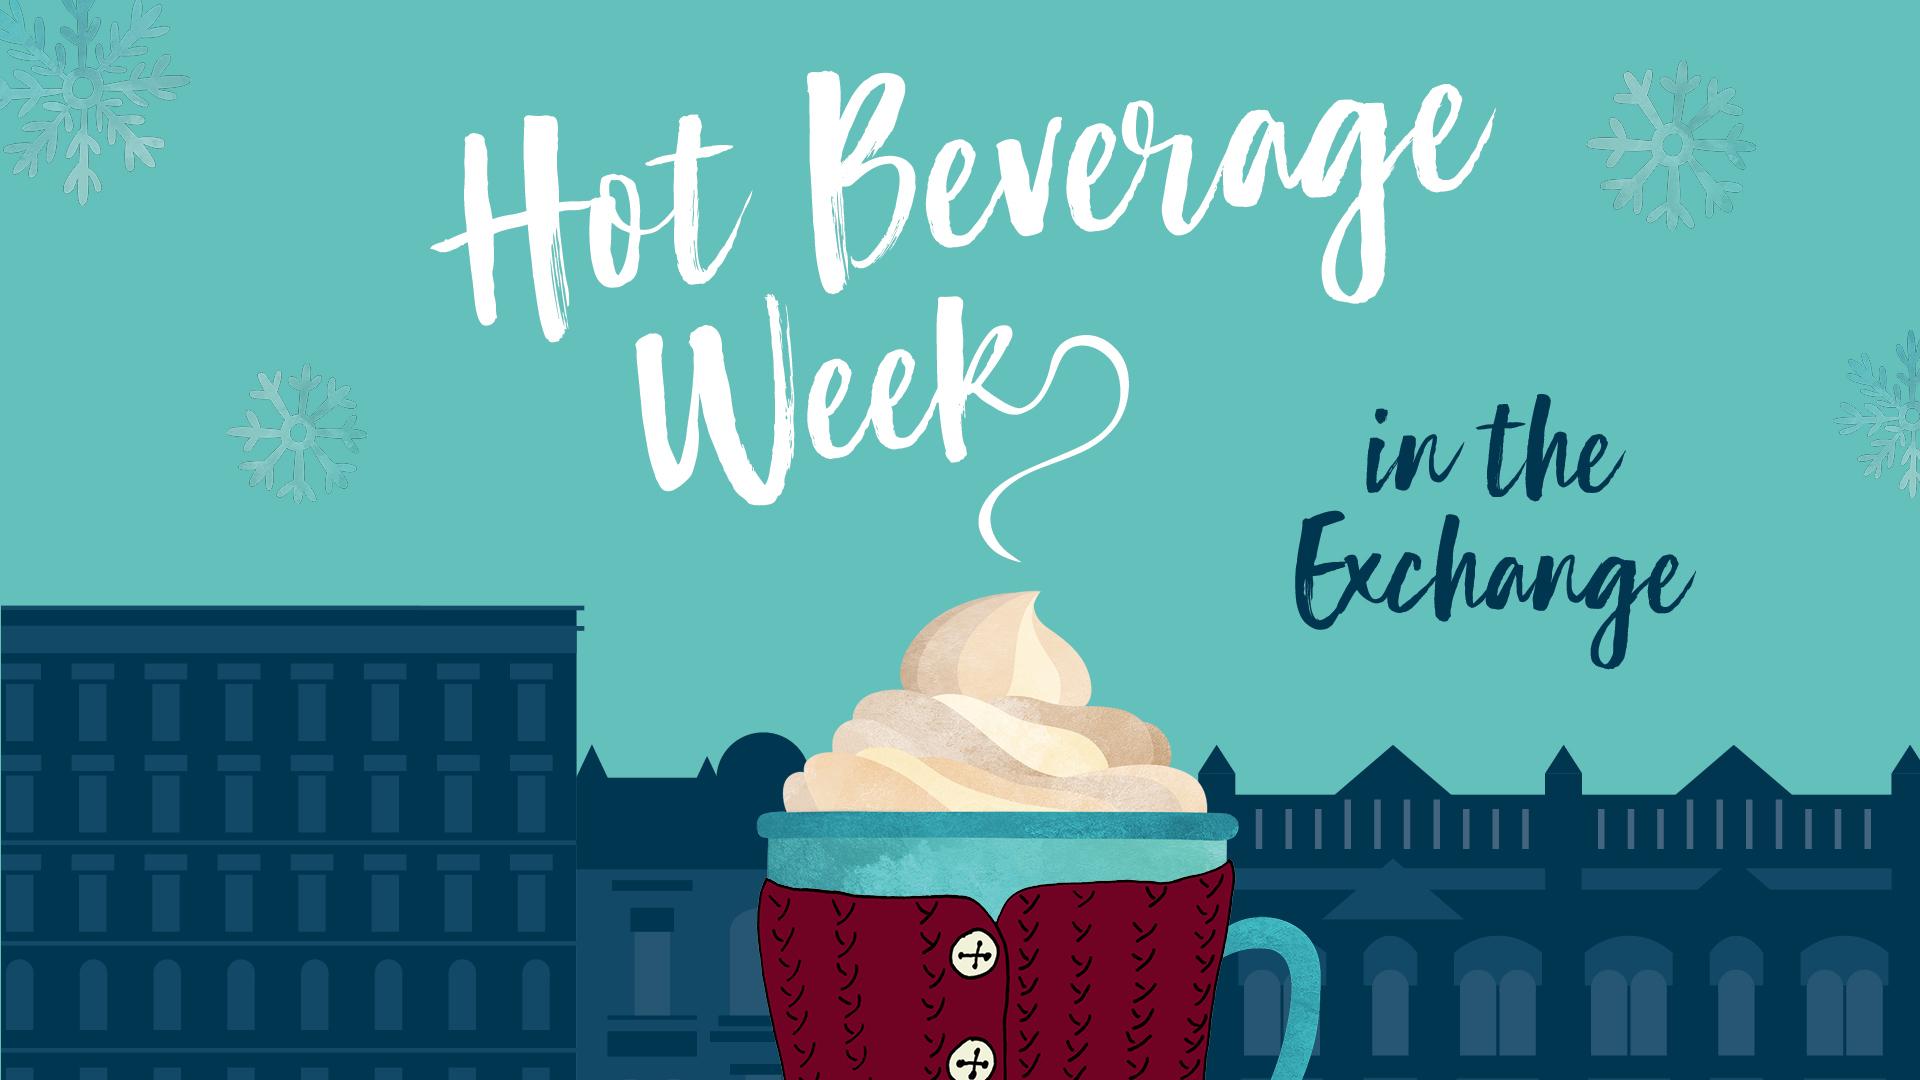 Hot Beverage Week